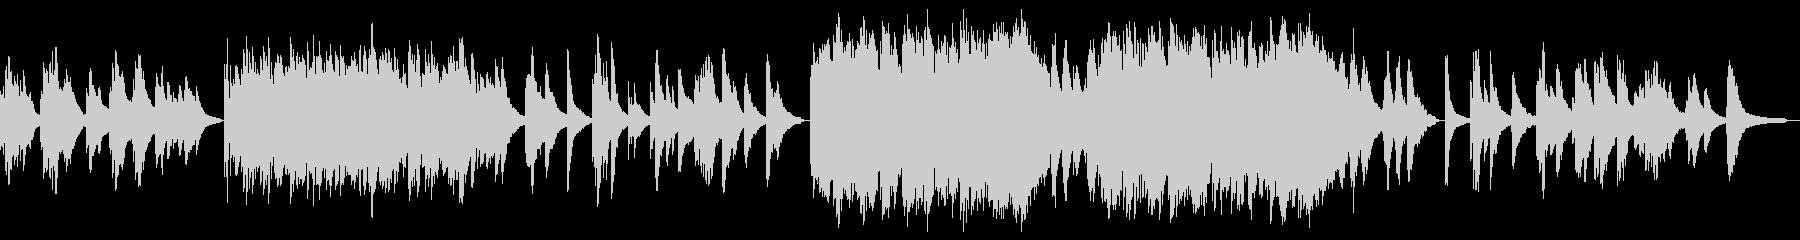 シンプルなピアノとストリングスのバラードの未再生の波形